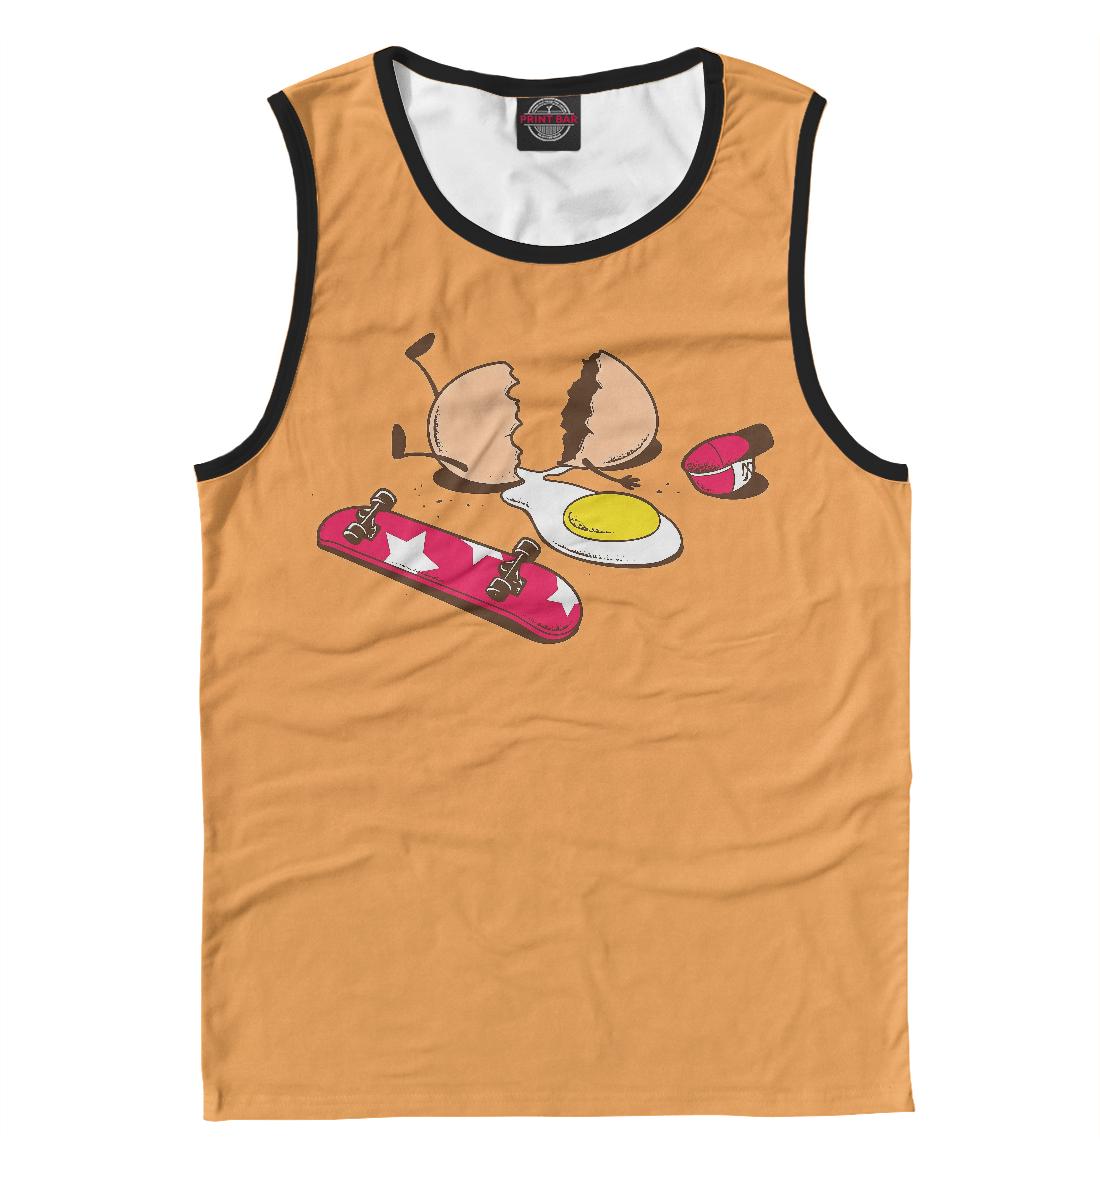 Купить Яйцо на скейте, Printbar, Майки, APD-374446-may-2